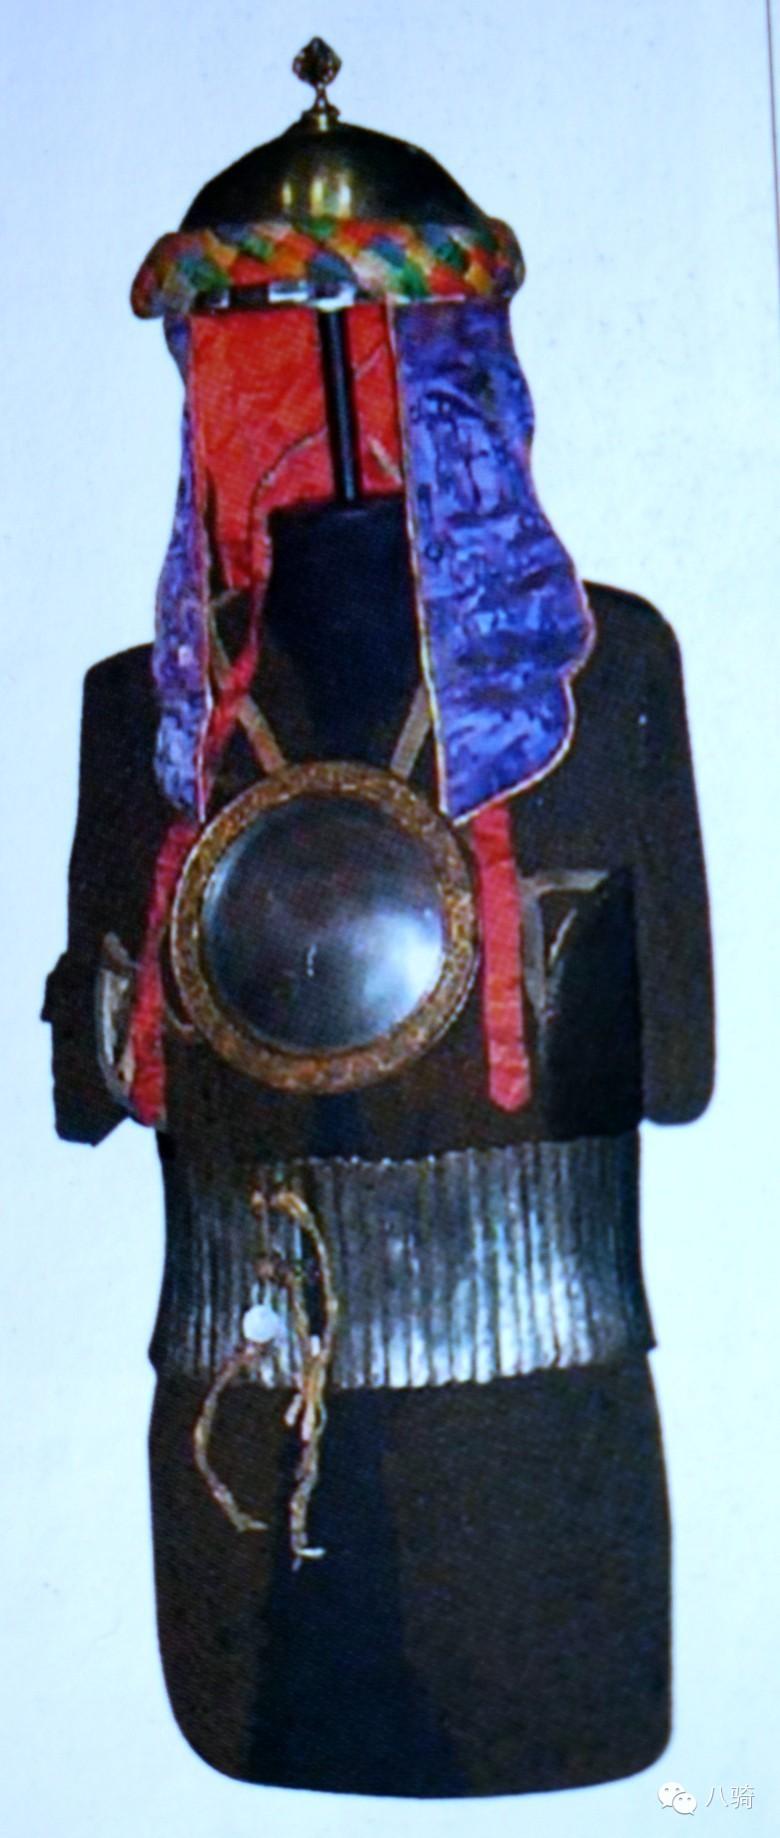 【蒙古文化】冷兵器时代的余温 蒙古铠甲图集 第32张